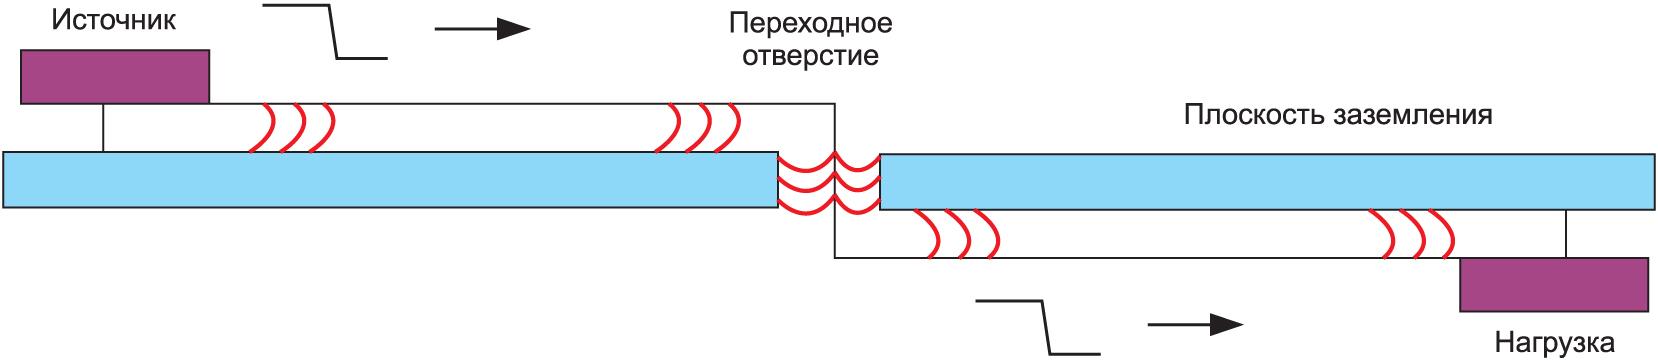 Сигнальный тракт через единственную опорную плоскость